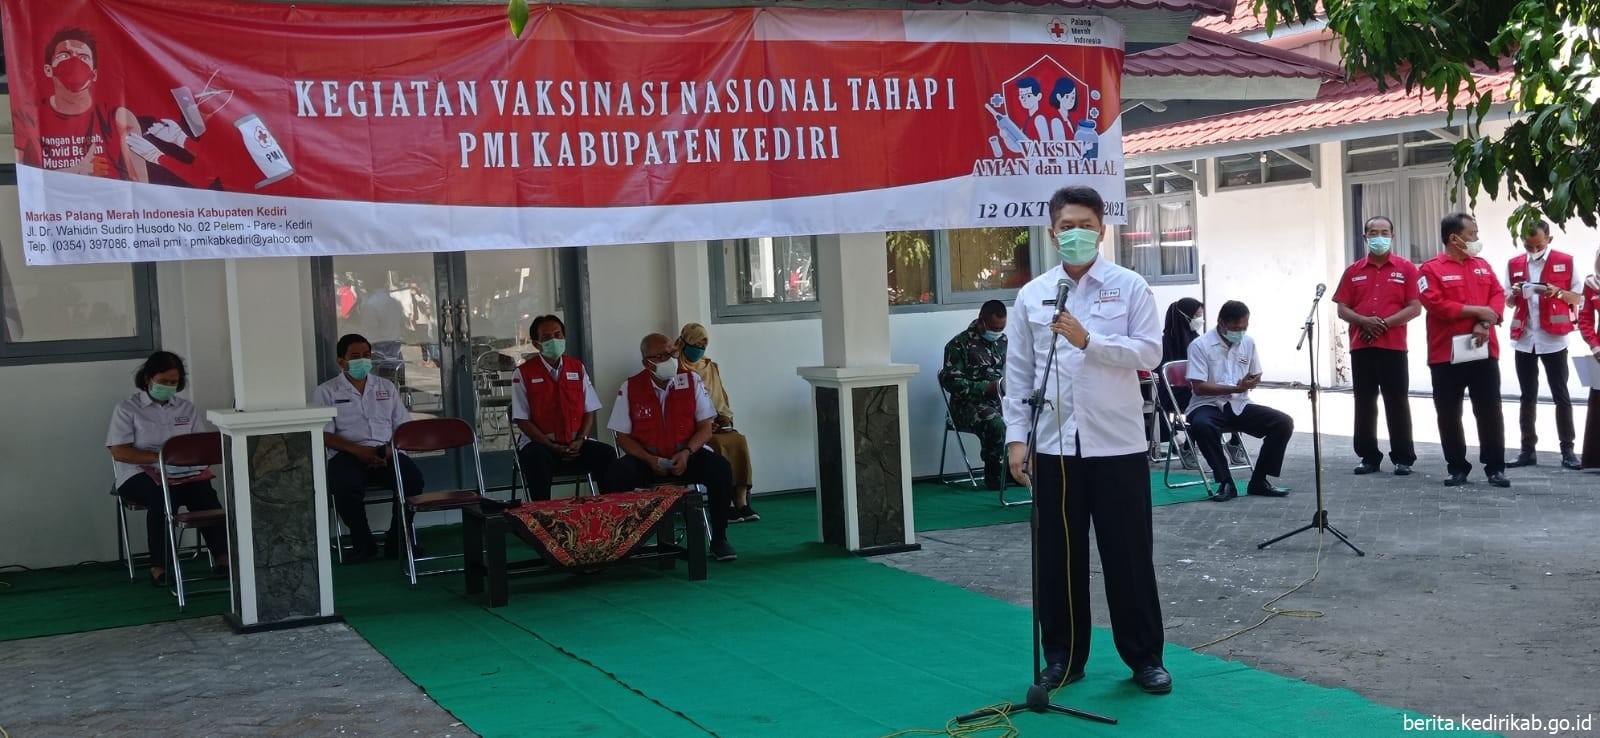 PMI Kabupaten Kediri Gelar Vaksinasi Massal Tahap I